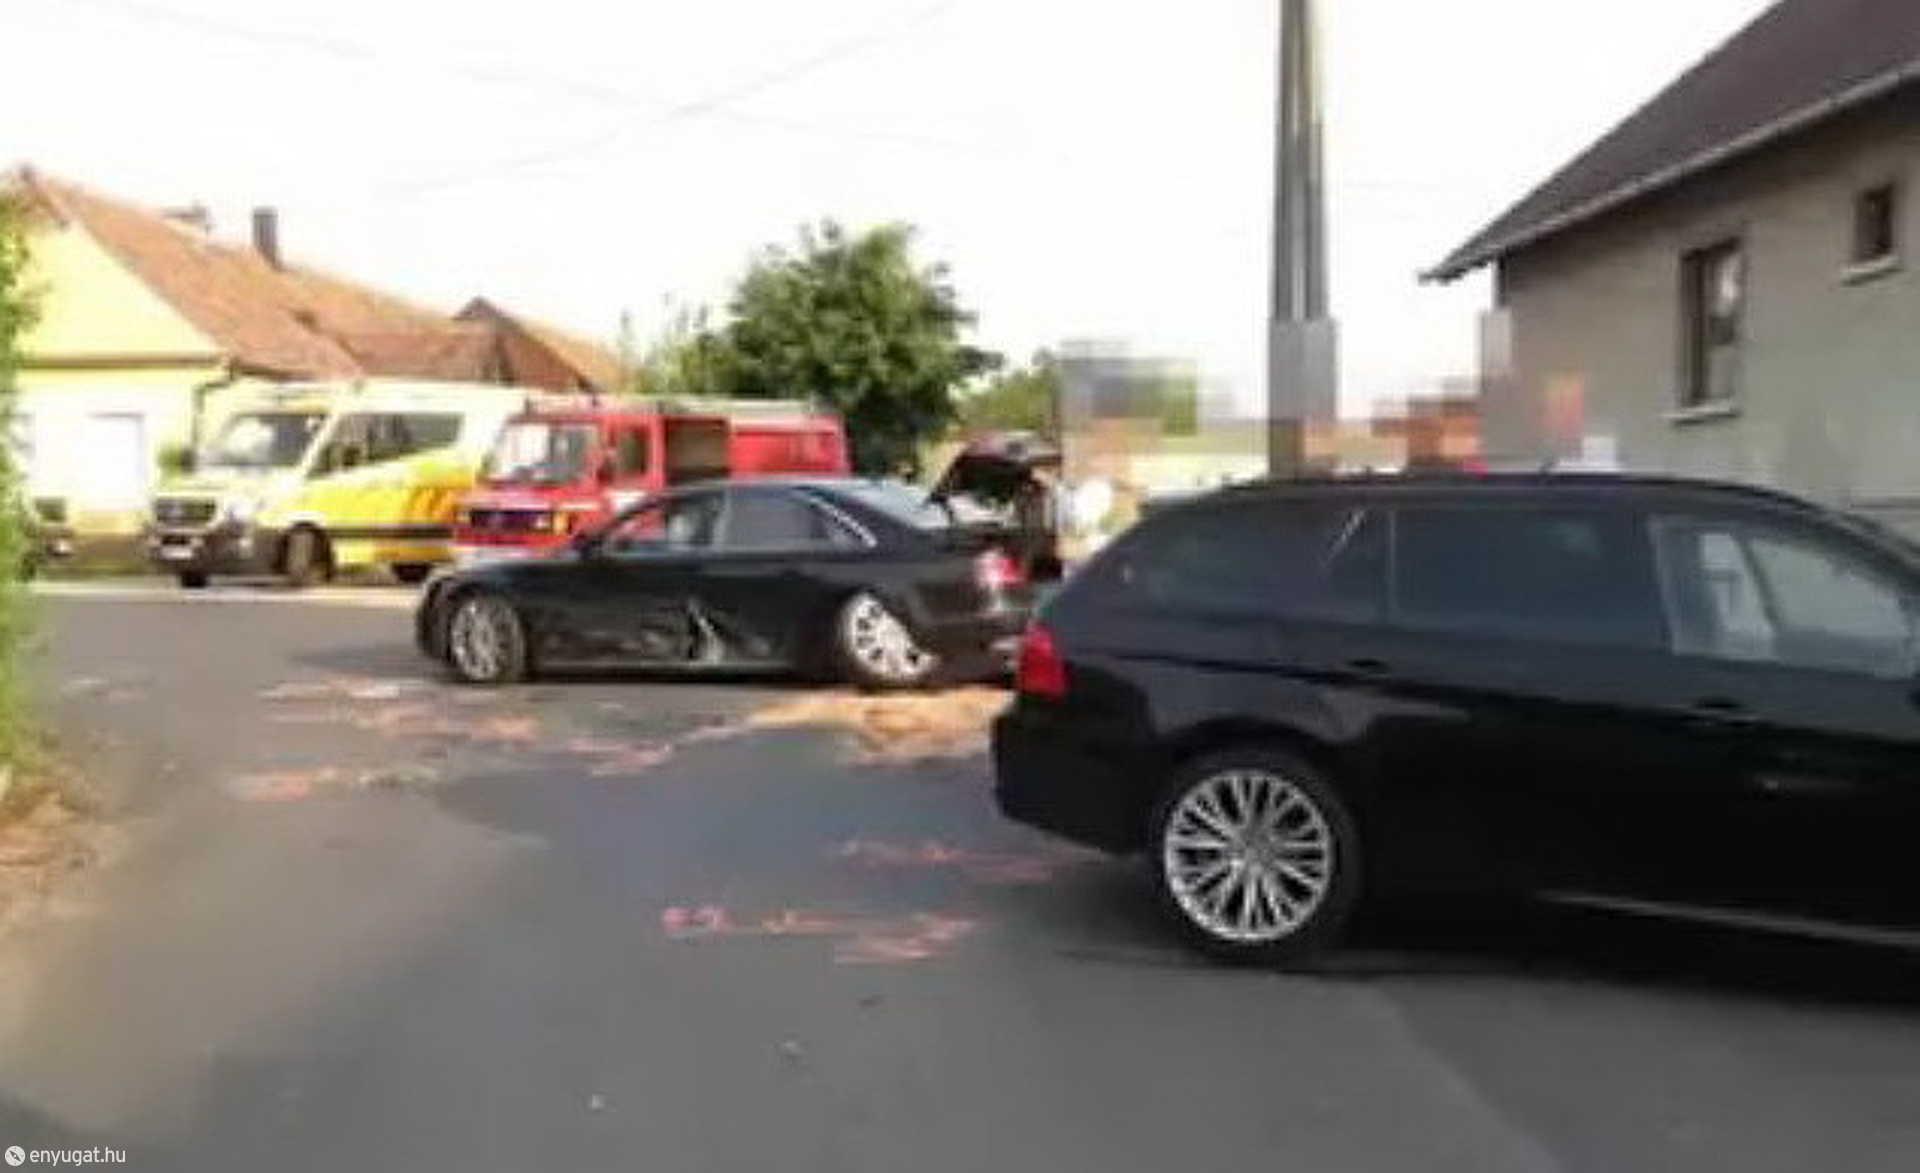 Baleset helyszínén találták meg a rendőrök a száguldó BMW-t